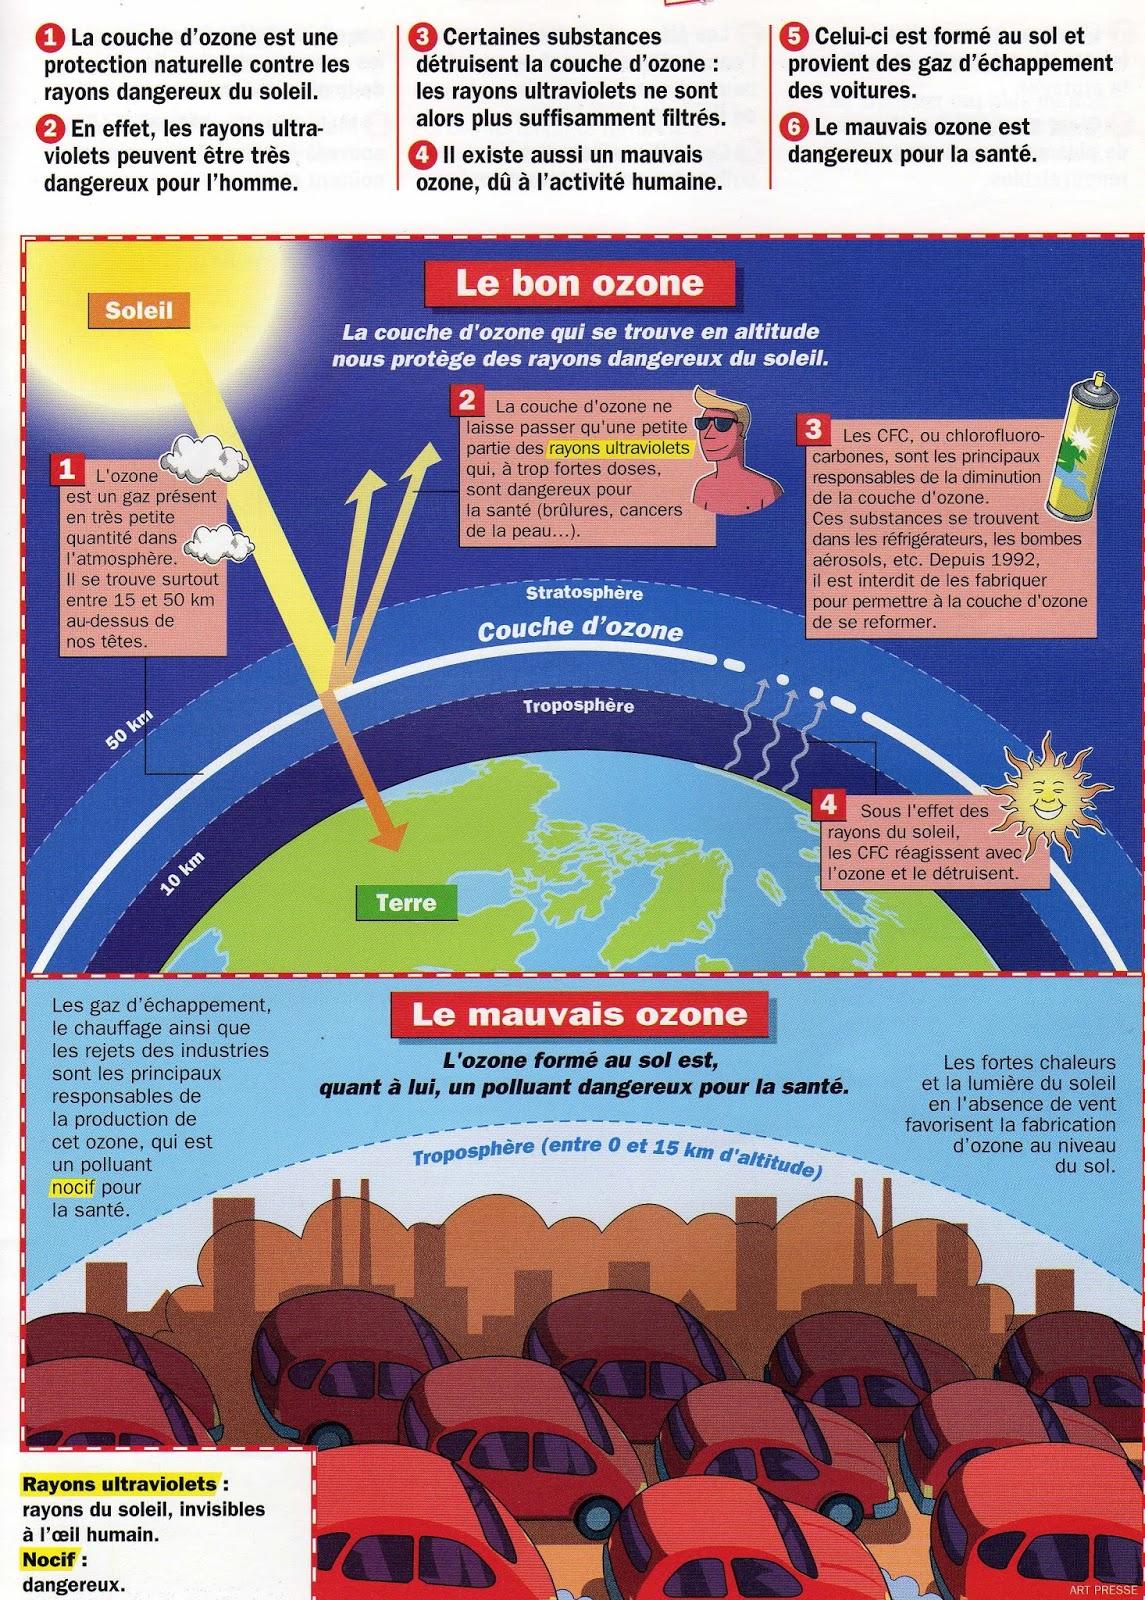 Cm1a lyc e fran ais moli re villanueva de la ca ada espagne 20 avr 2016 - Couche d ozone en anglais ...